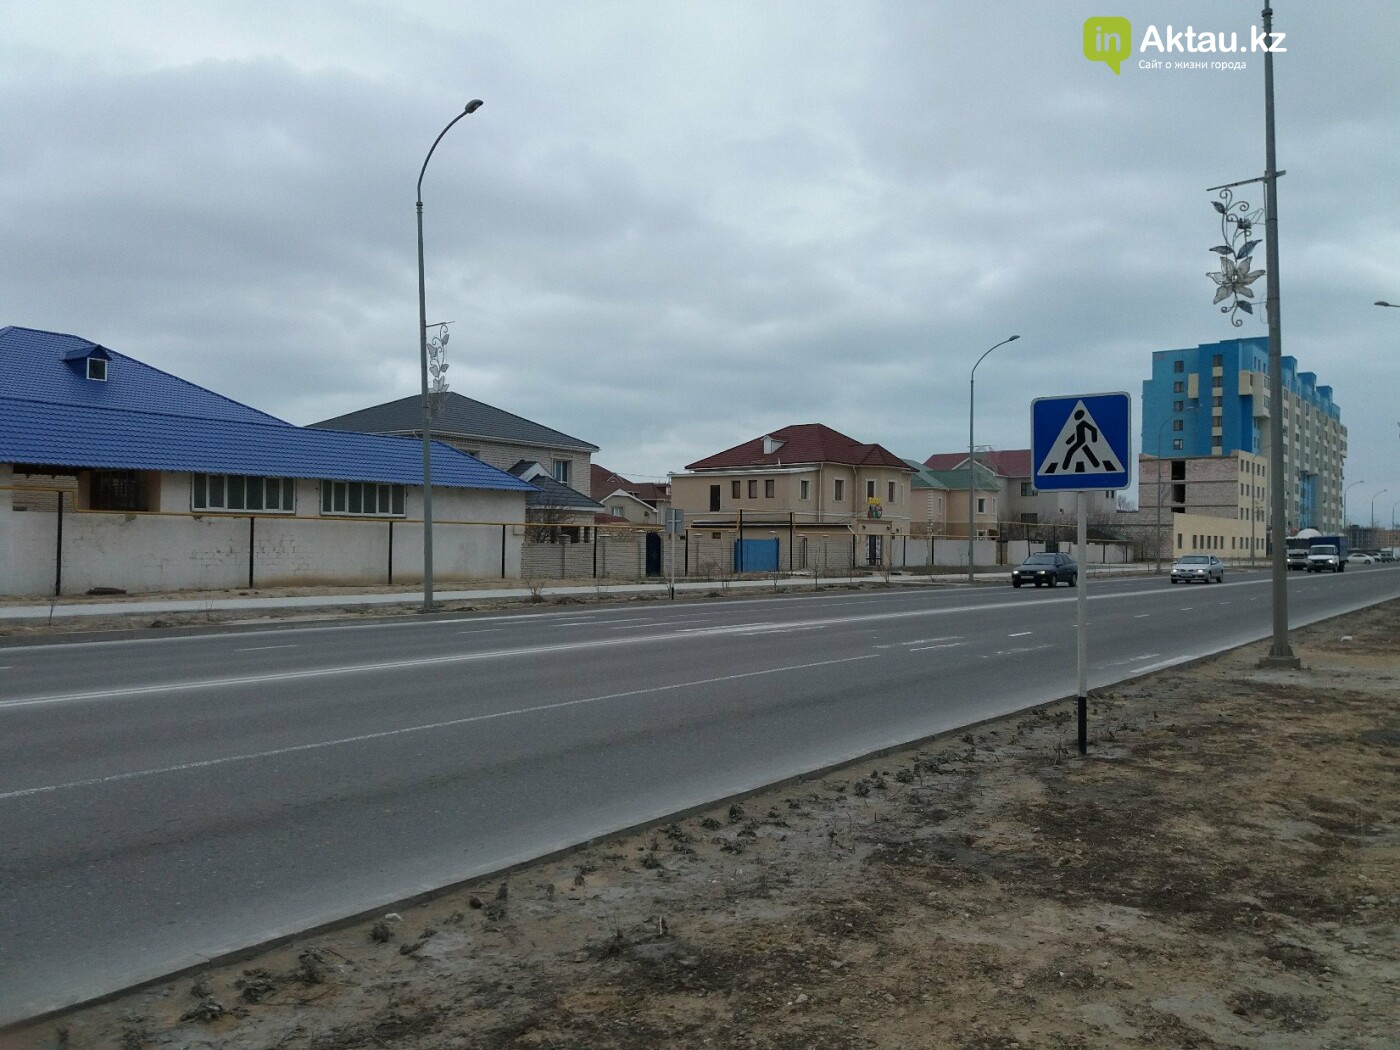 Жизнь с препятствиями: жители Актау просят власти города думать о людях при замене бордюров